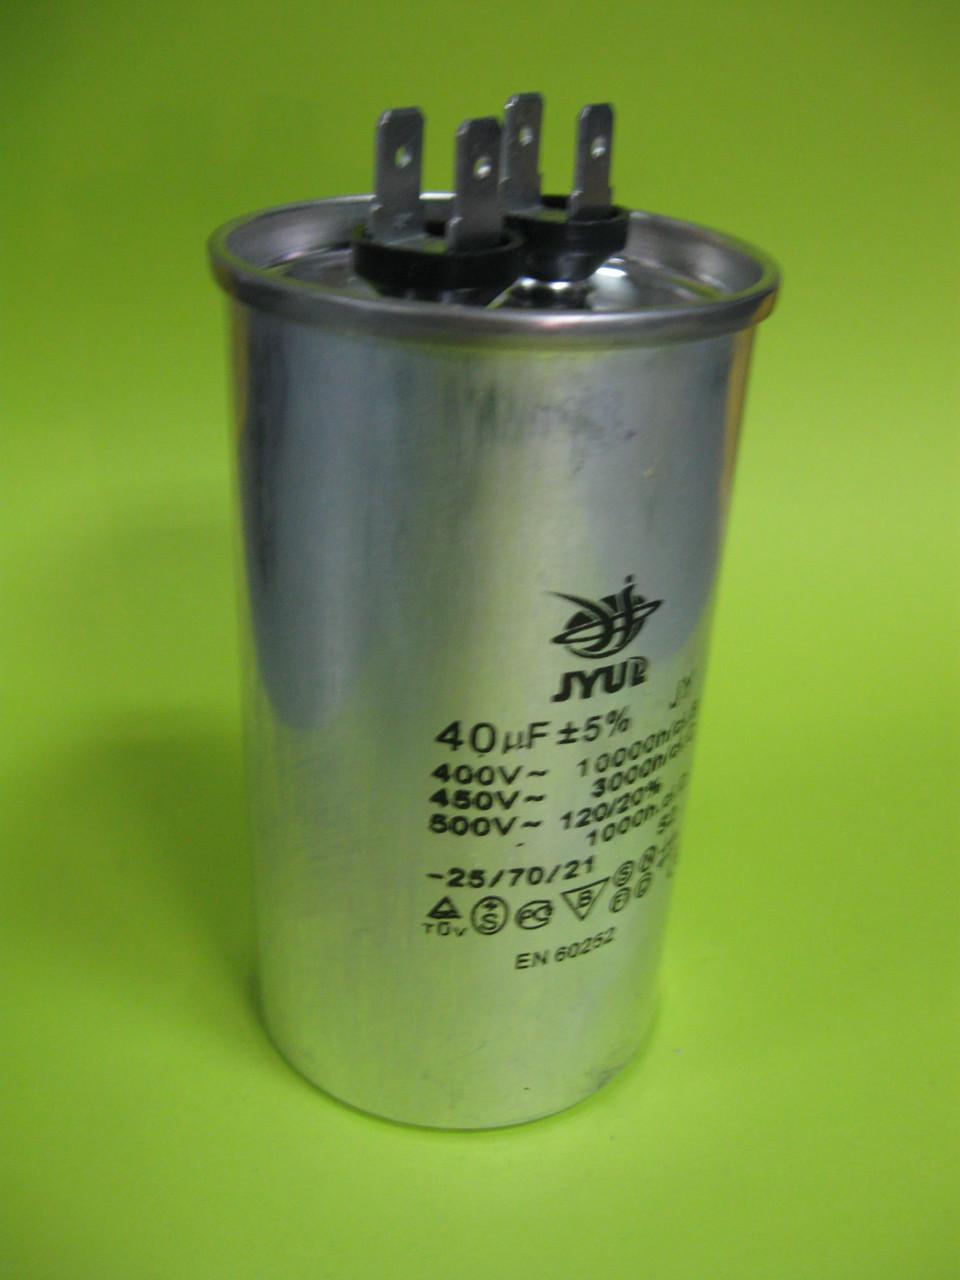 Конденсатор CBB-65 40uF 450VAC Алюмин. корпус JYUL